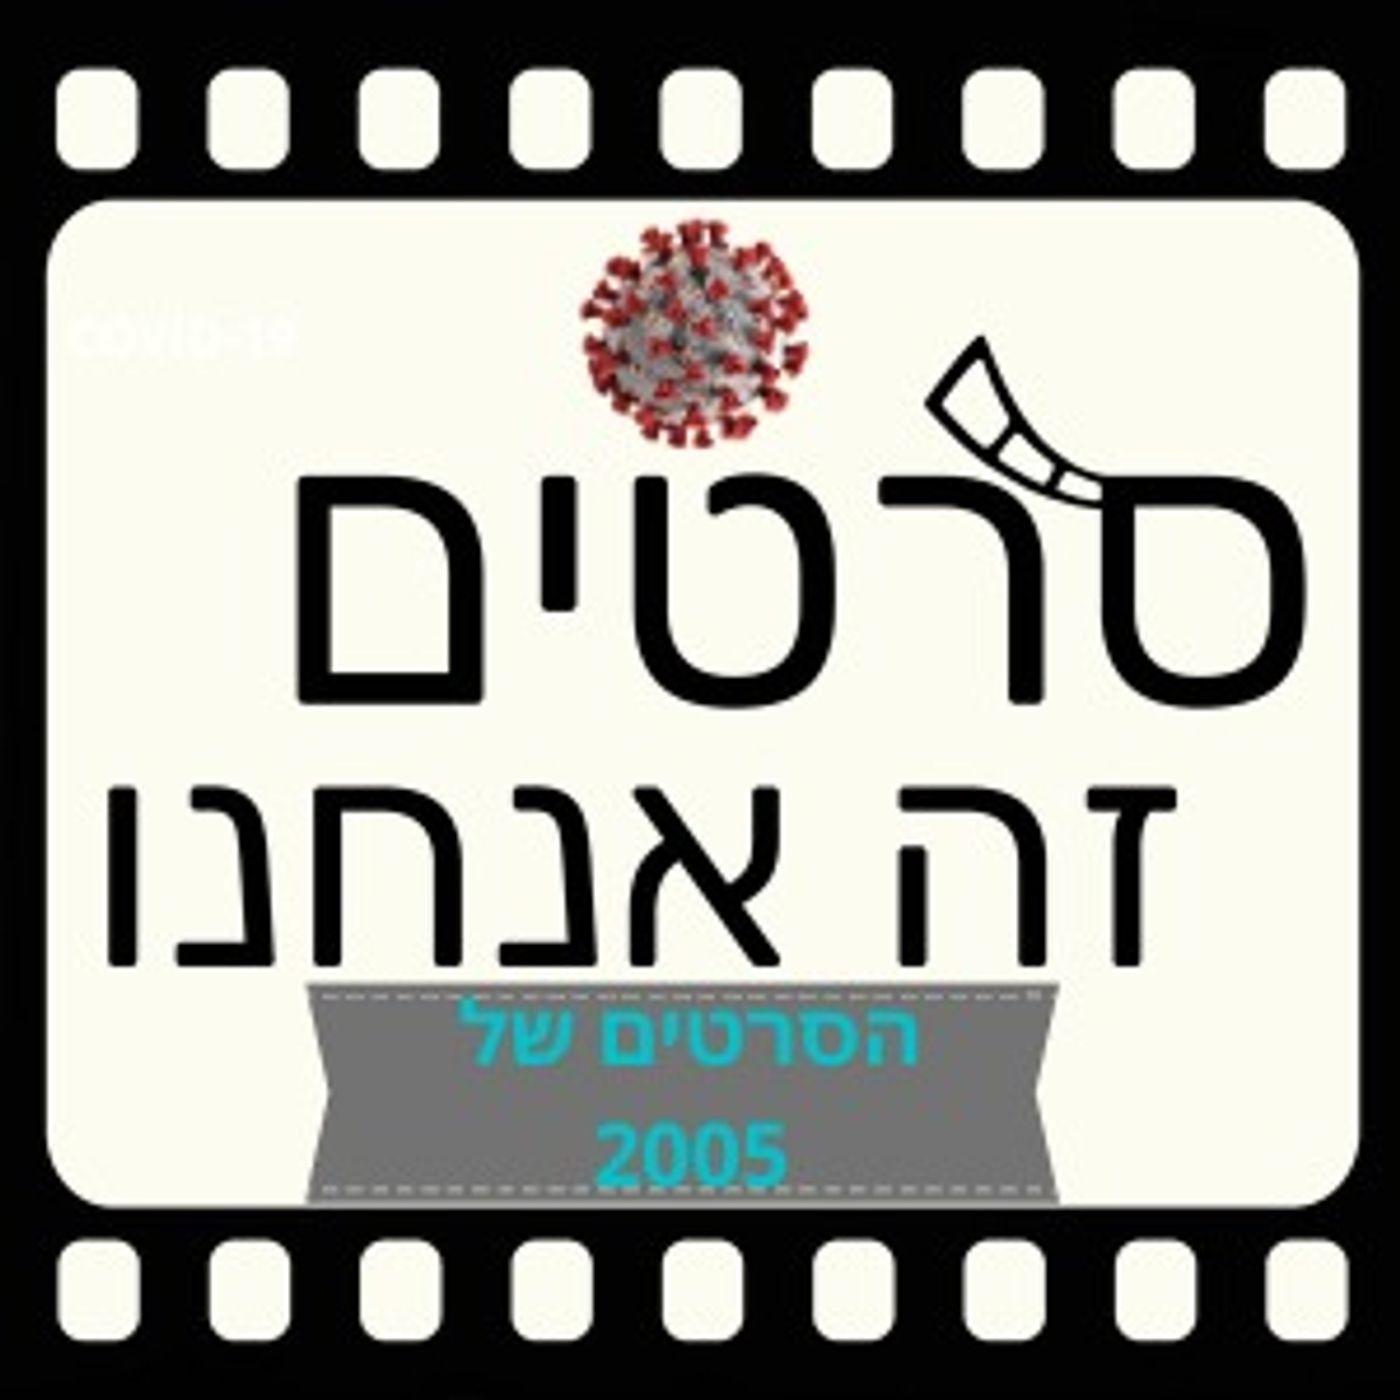 מדברים על הסרטים של 2005 (ספיישל קורונה 24)